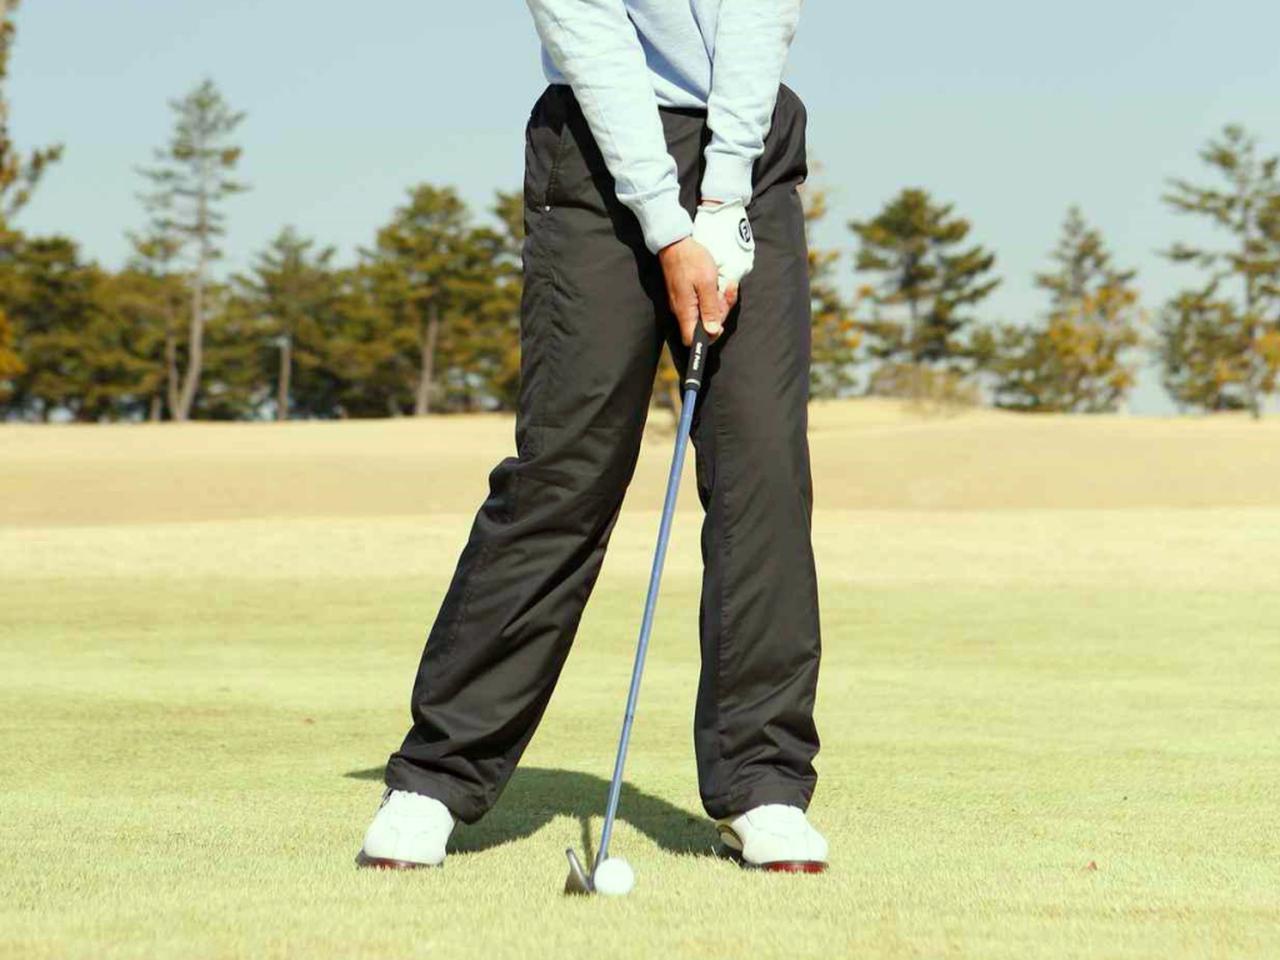 画像: ハンドファーストに構えてスウィングすることで、ヘッドはダウンブローでボールにインパクトできる